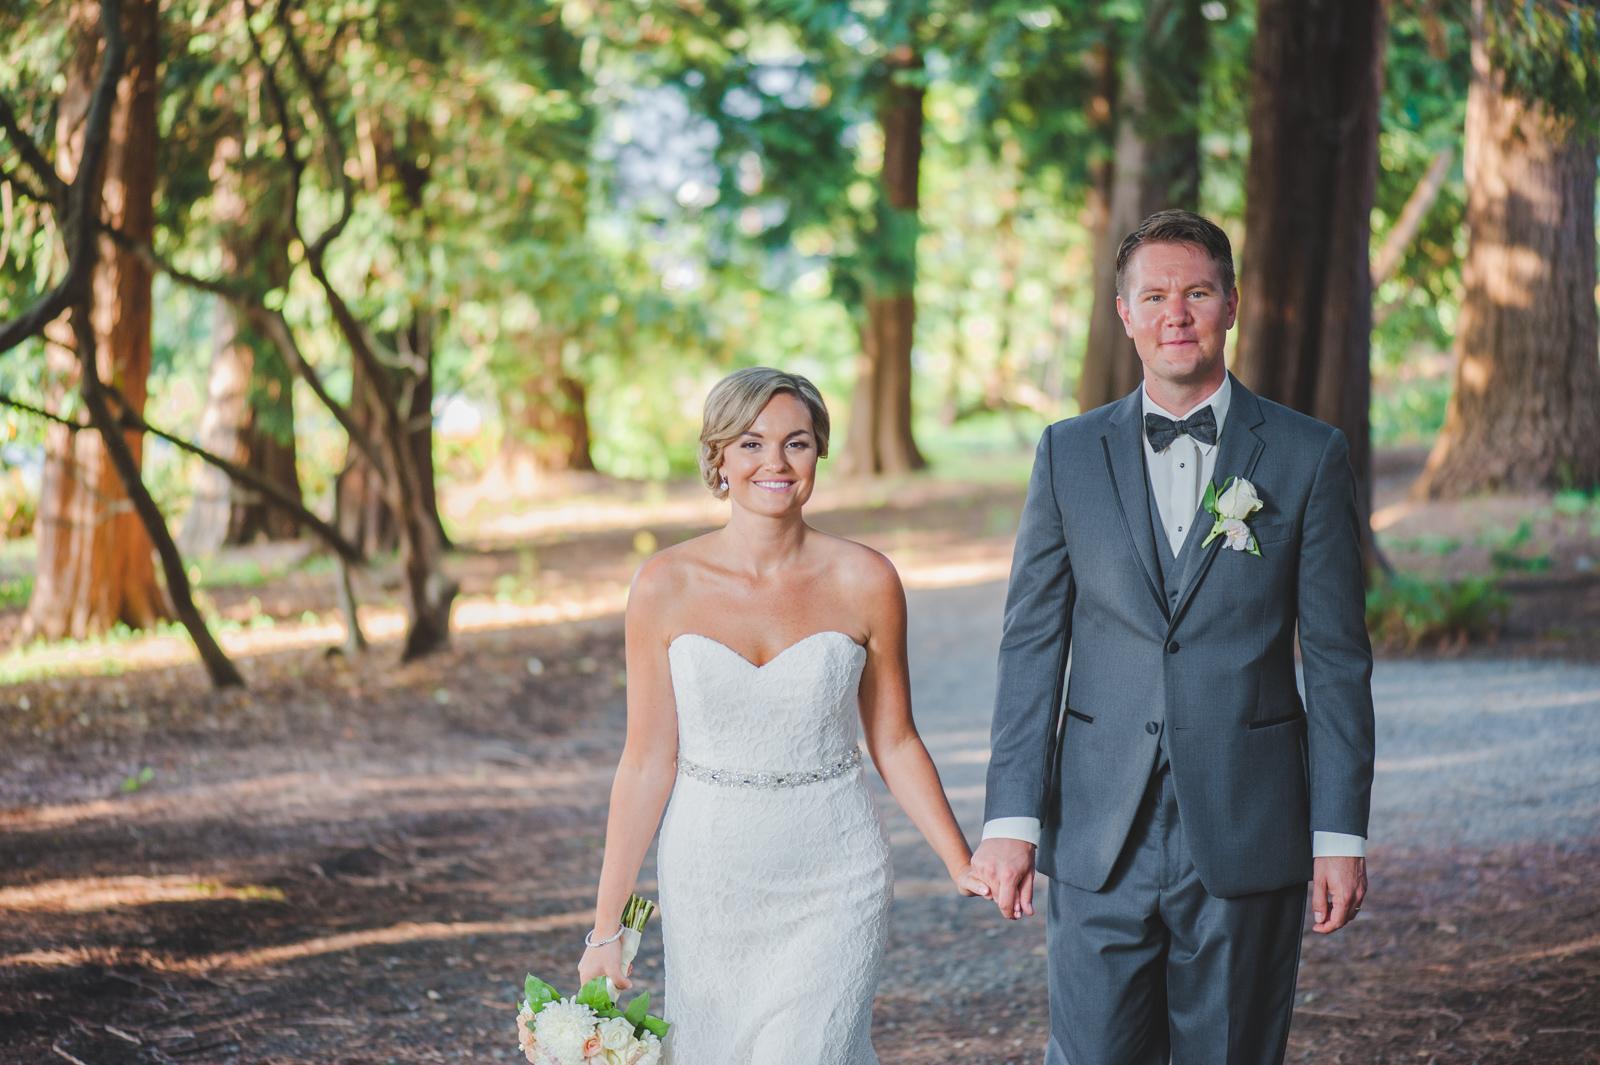 victoria-wedding-photographers-ubc-rose-garden-sage-bistro-wedding-46.jpg